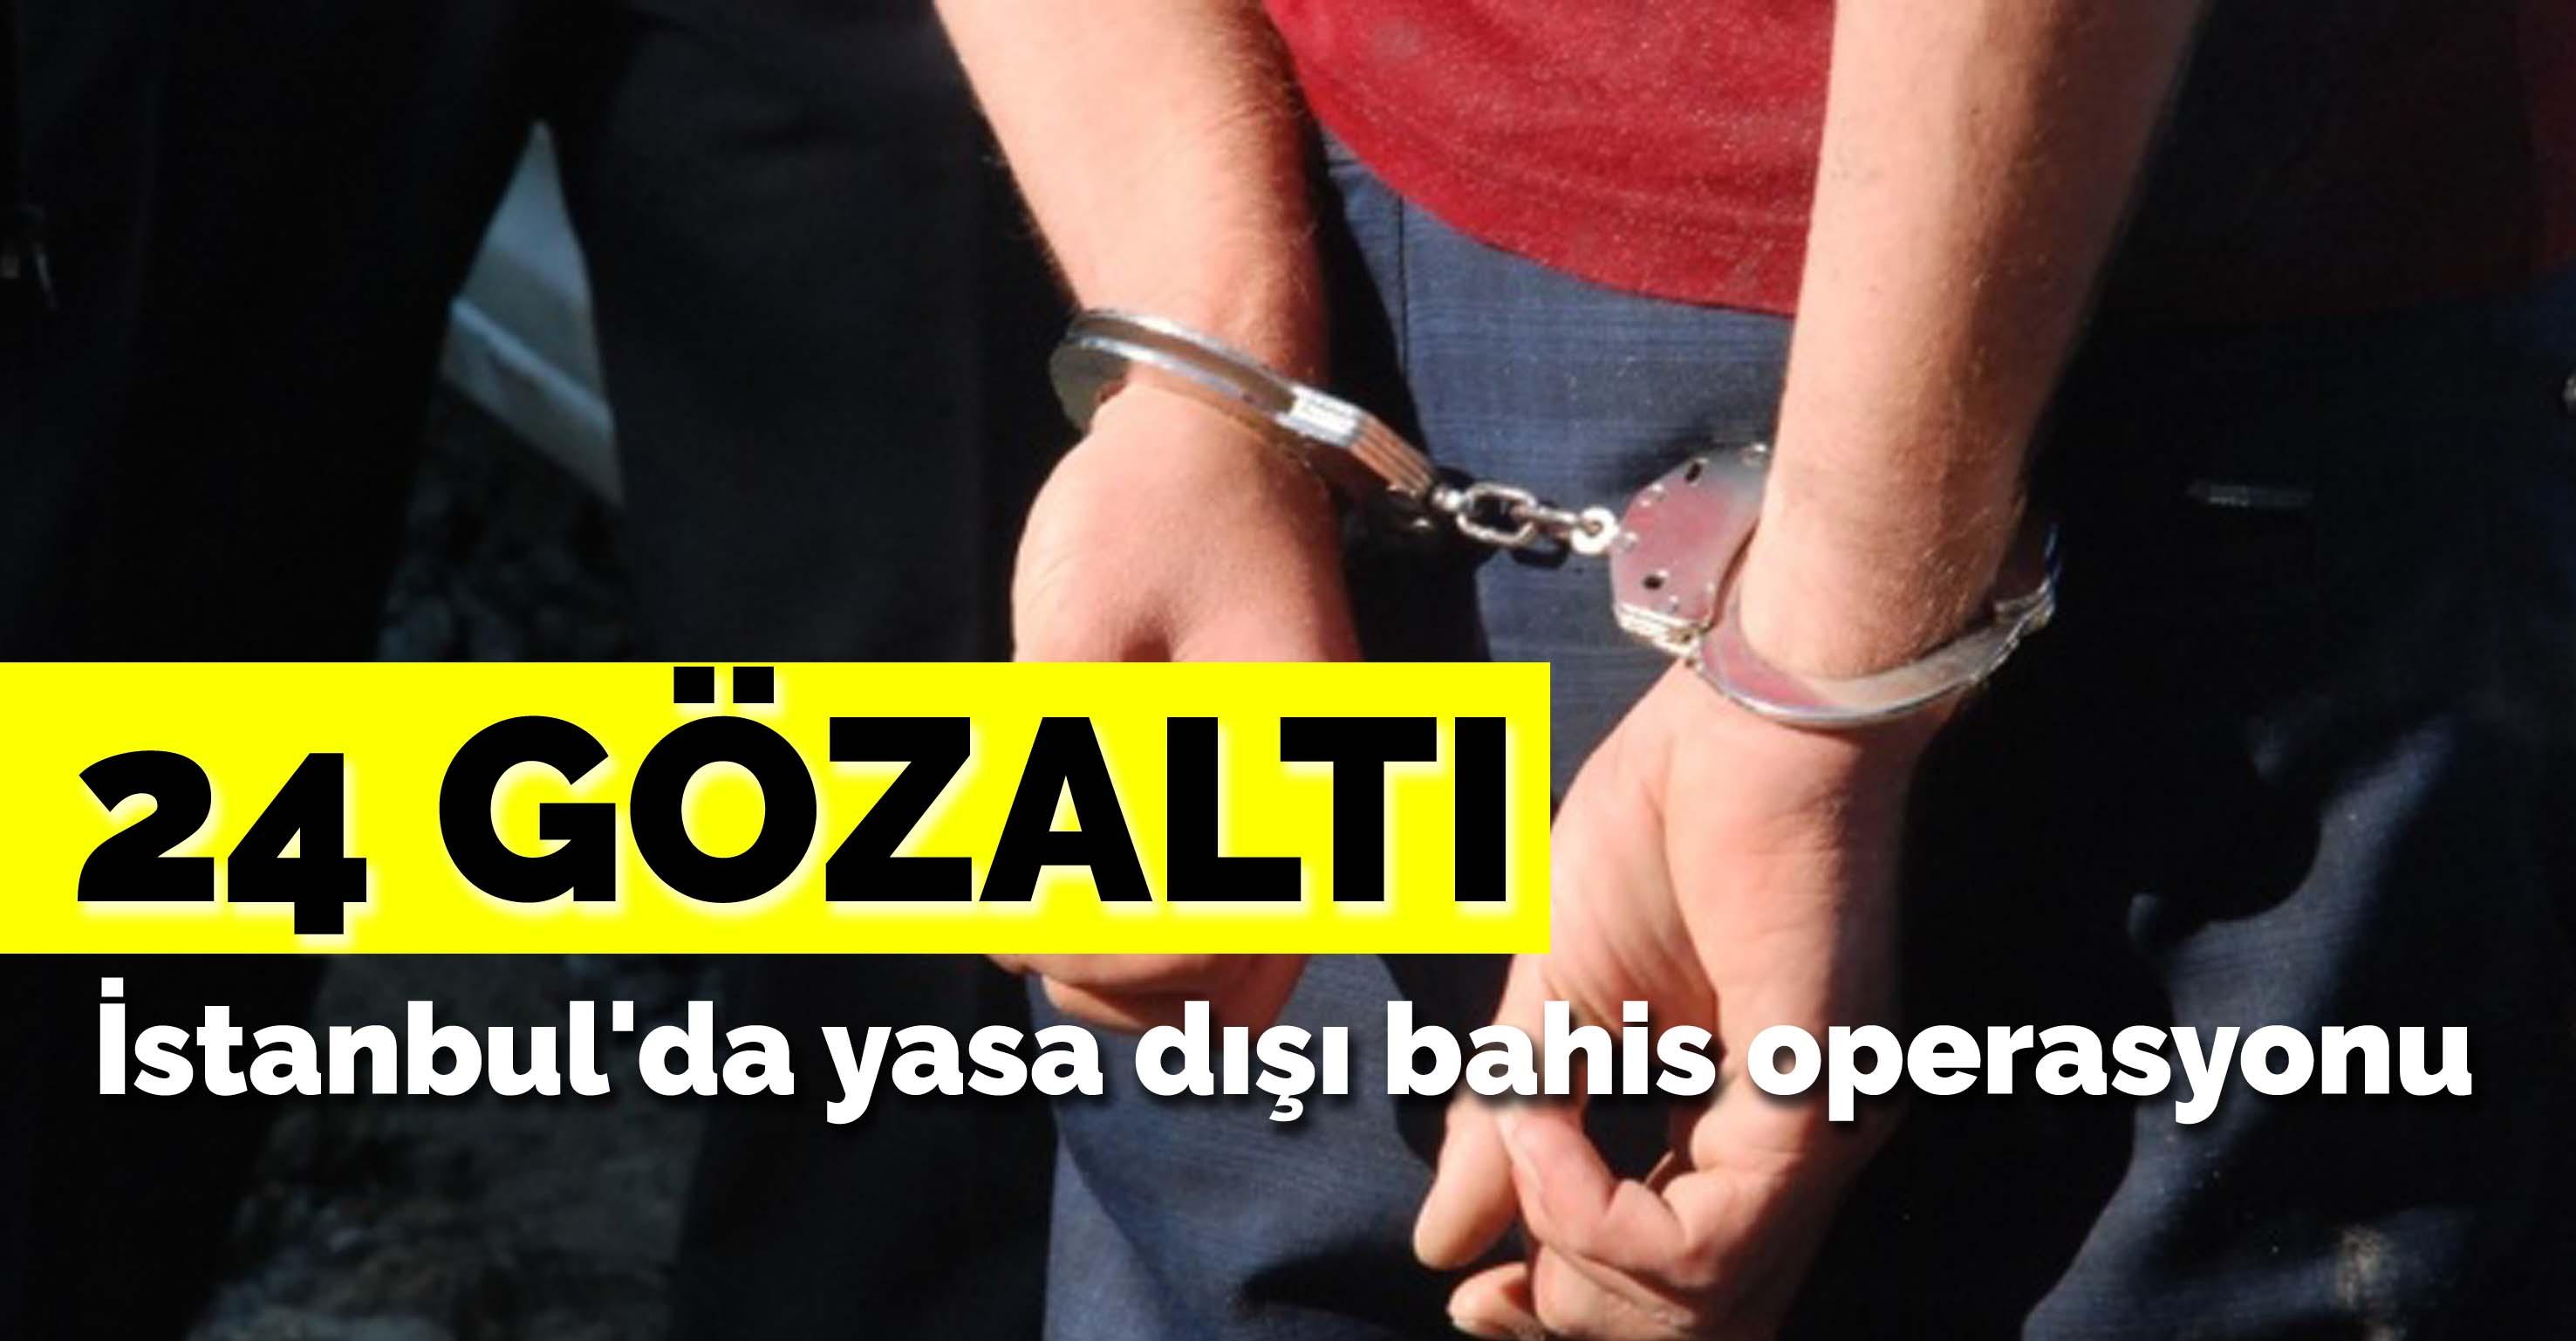 İstanbul'da yasa dışı bahis operasyonu: 24 gözaltı